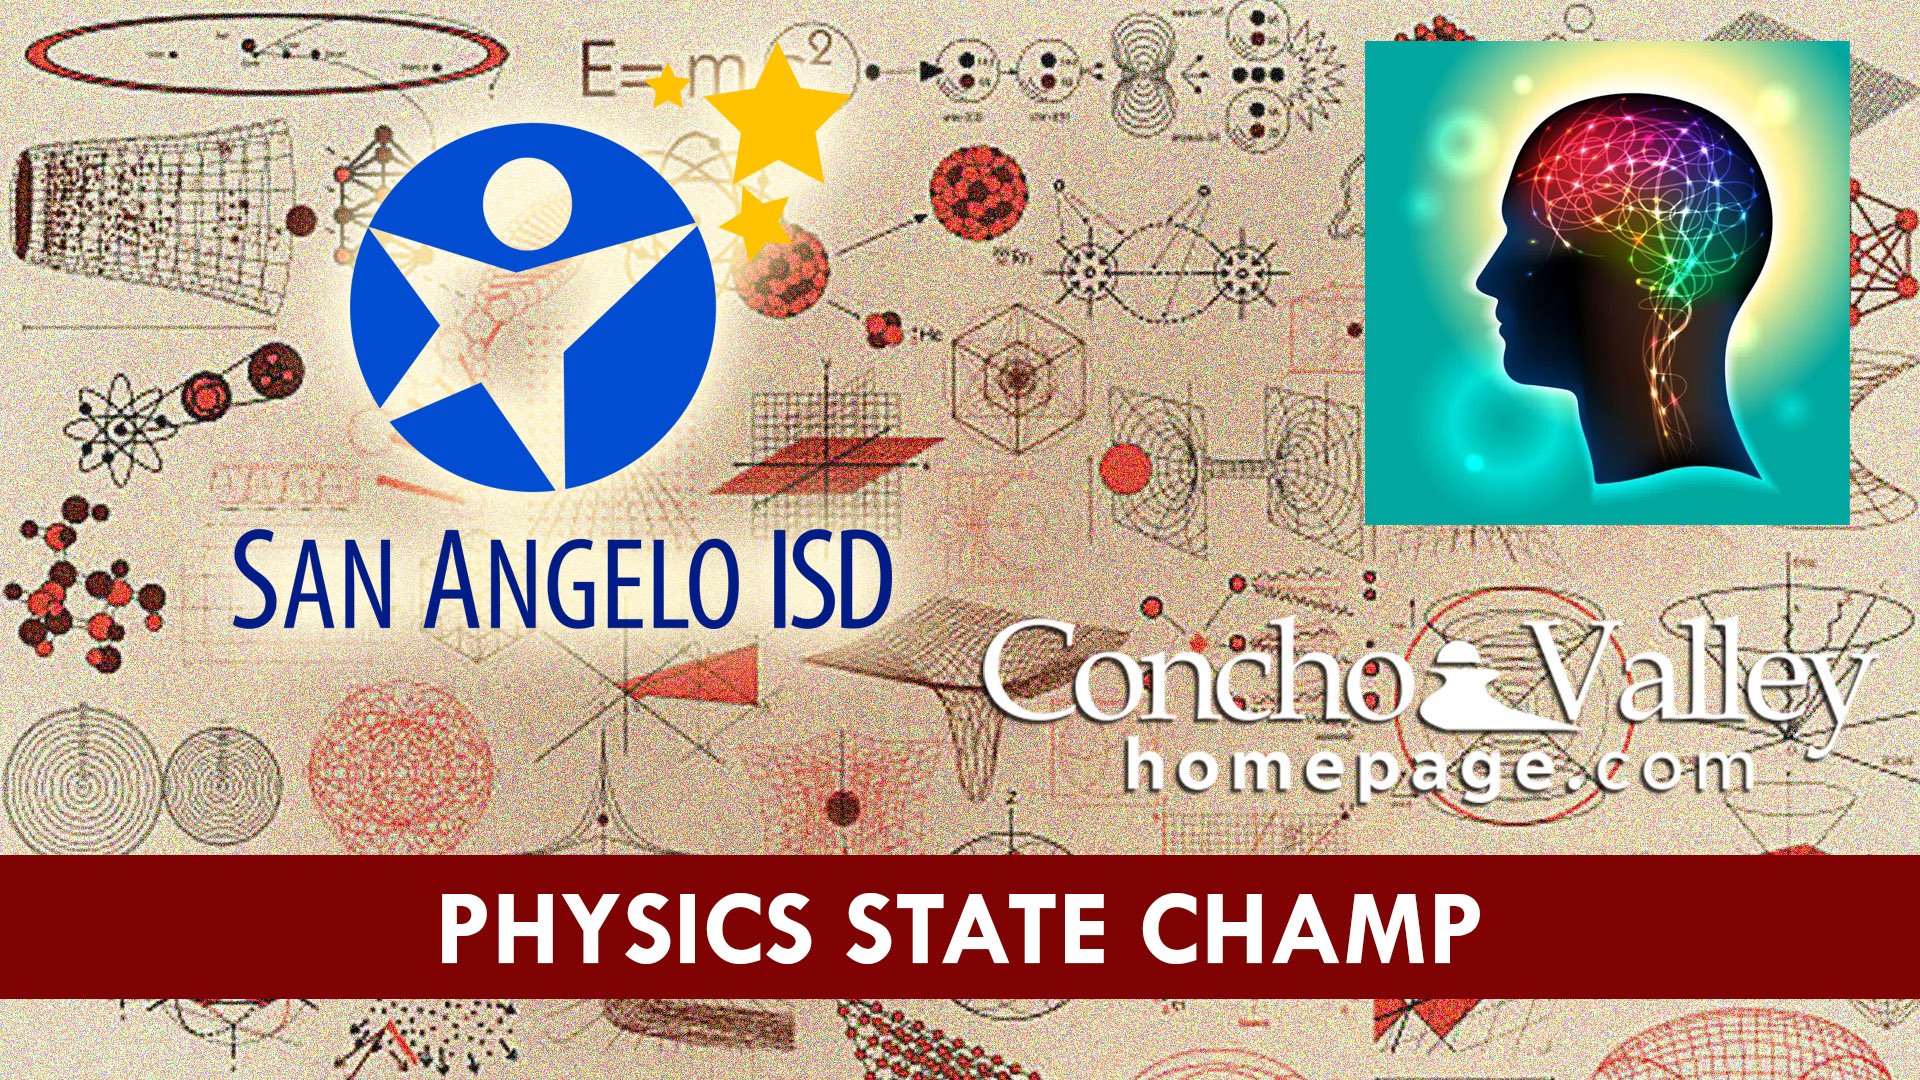 CVHP-1920x1080-PhysicsChamp_1558037877309.jpg